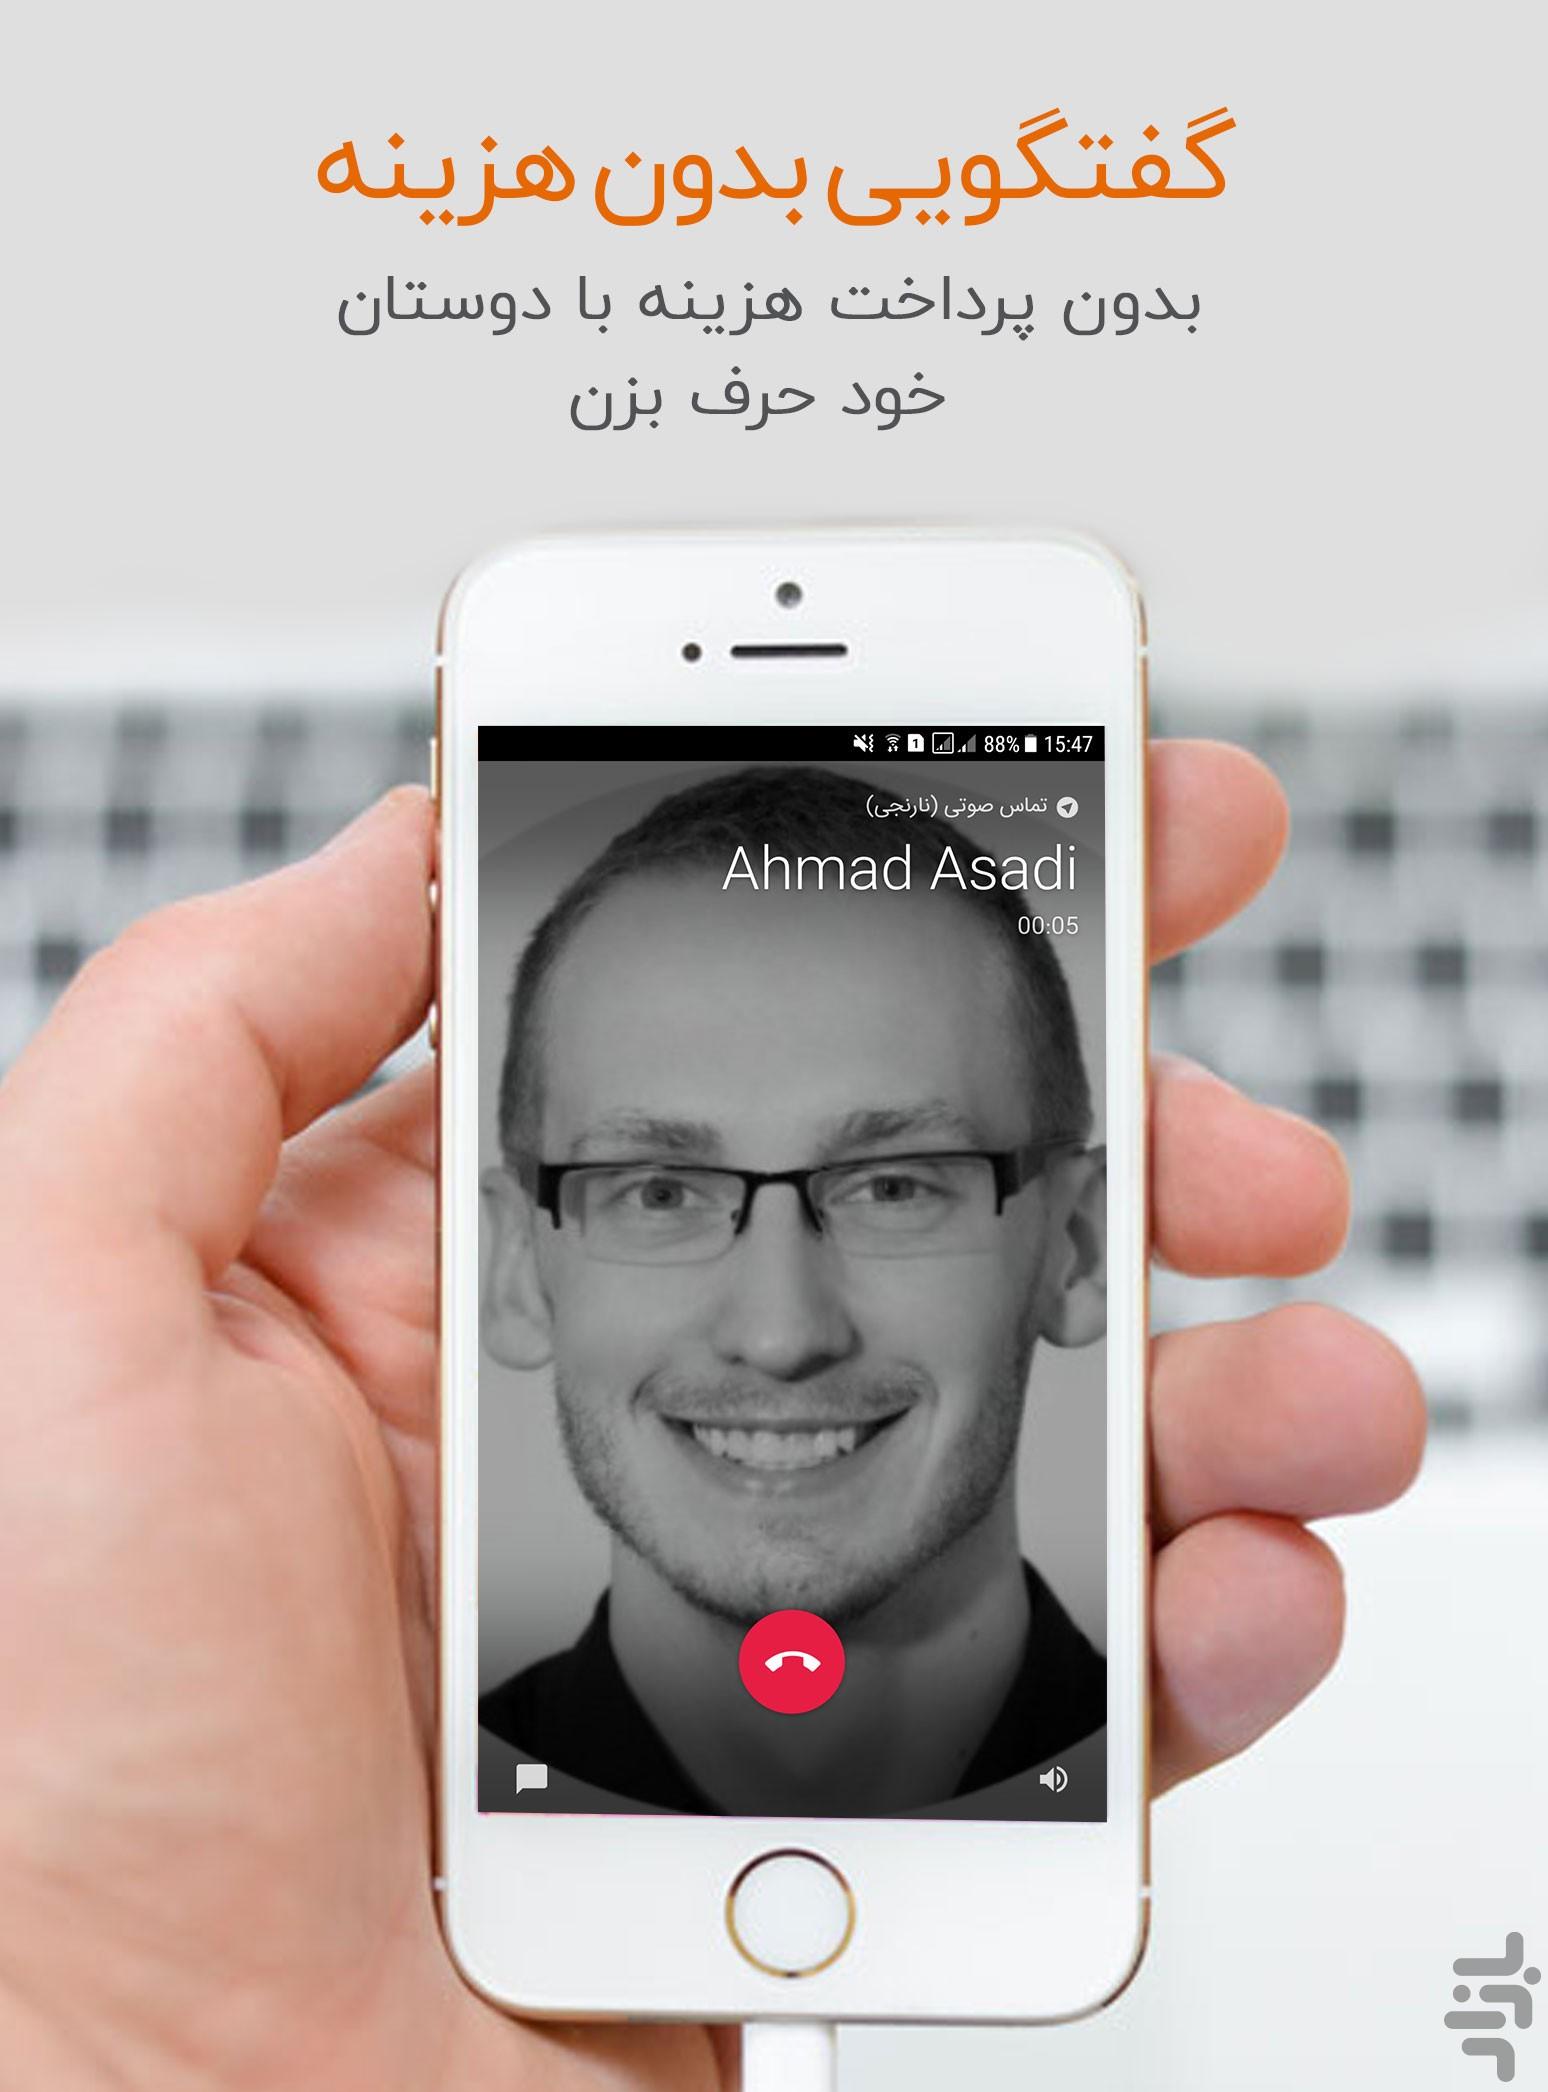 تلگرام+تماس+صوتی